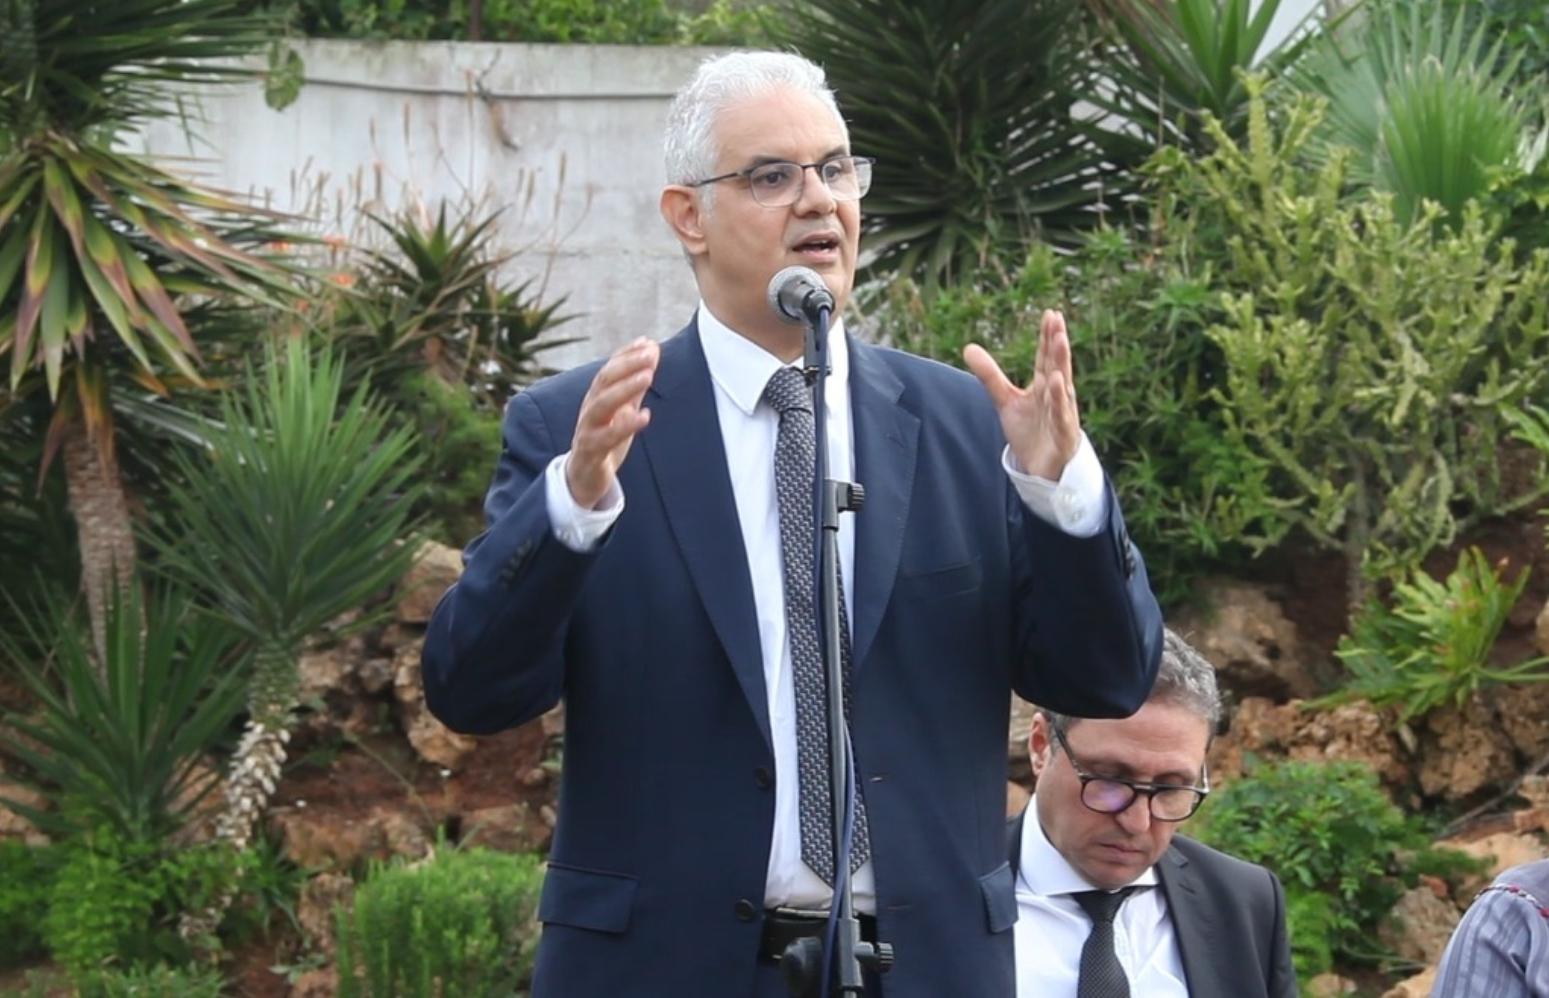 الأخ نزار بركة يشرح الواقع المتردي لقطاع الصحة ببلادنا ويقدم مداخل الإصلاح المنشود